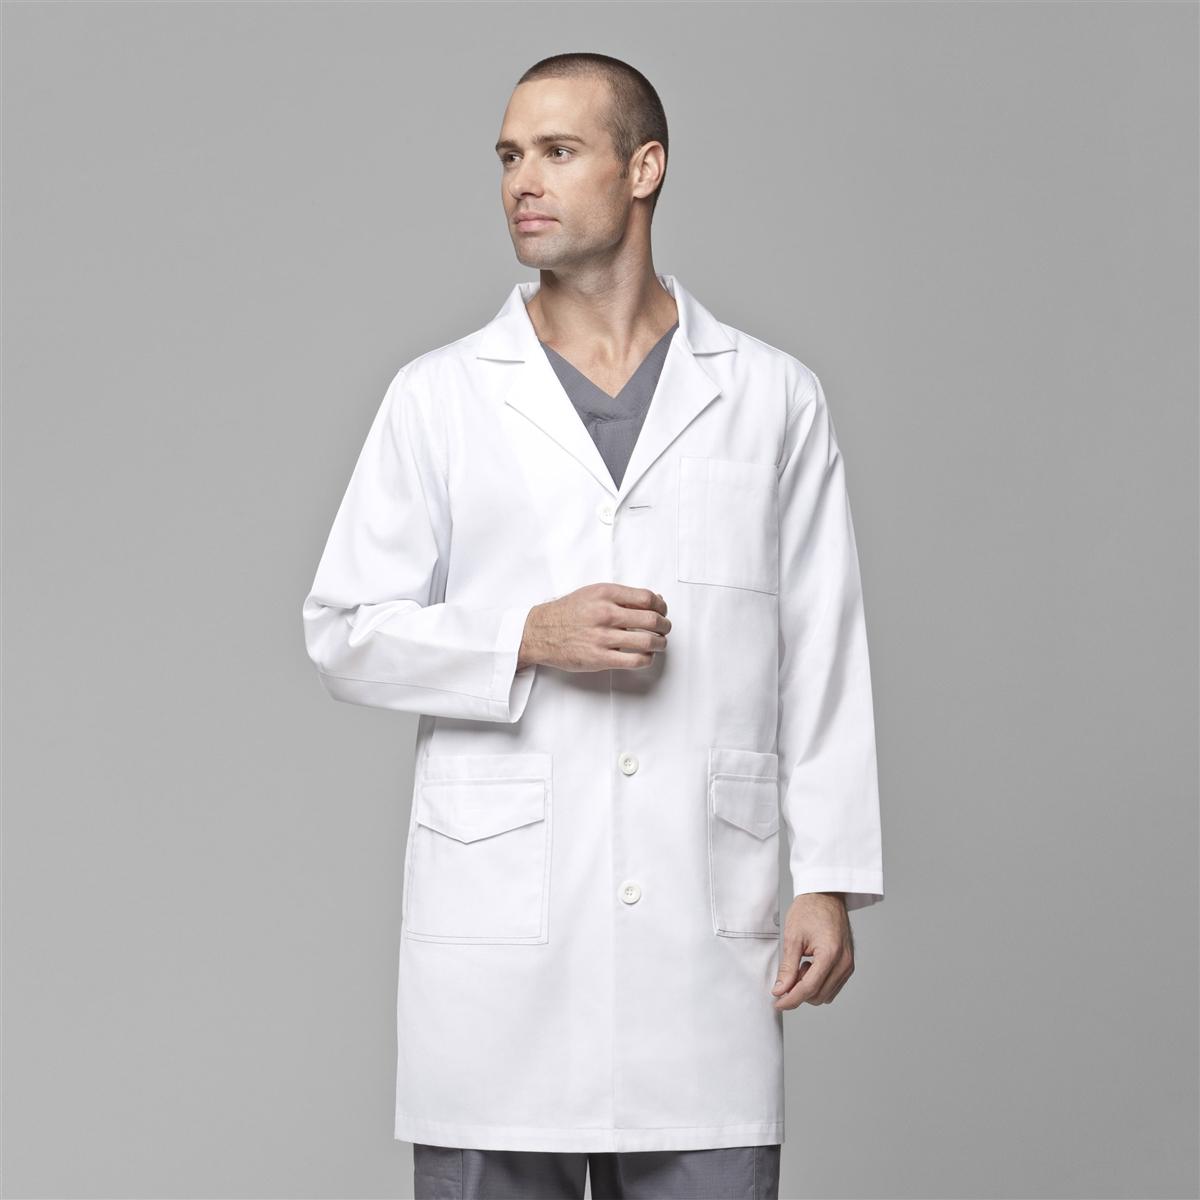 find carhartt 6 pocket lab coats for men at wonderwink scrub shop